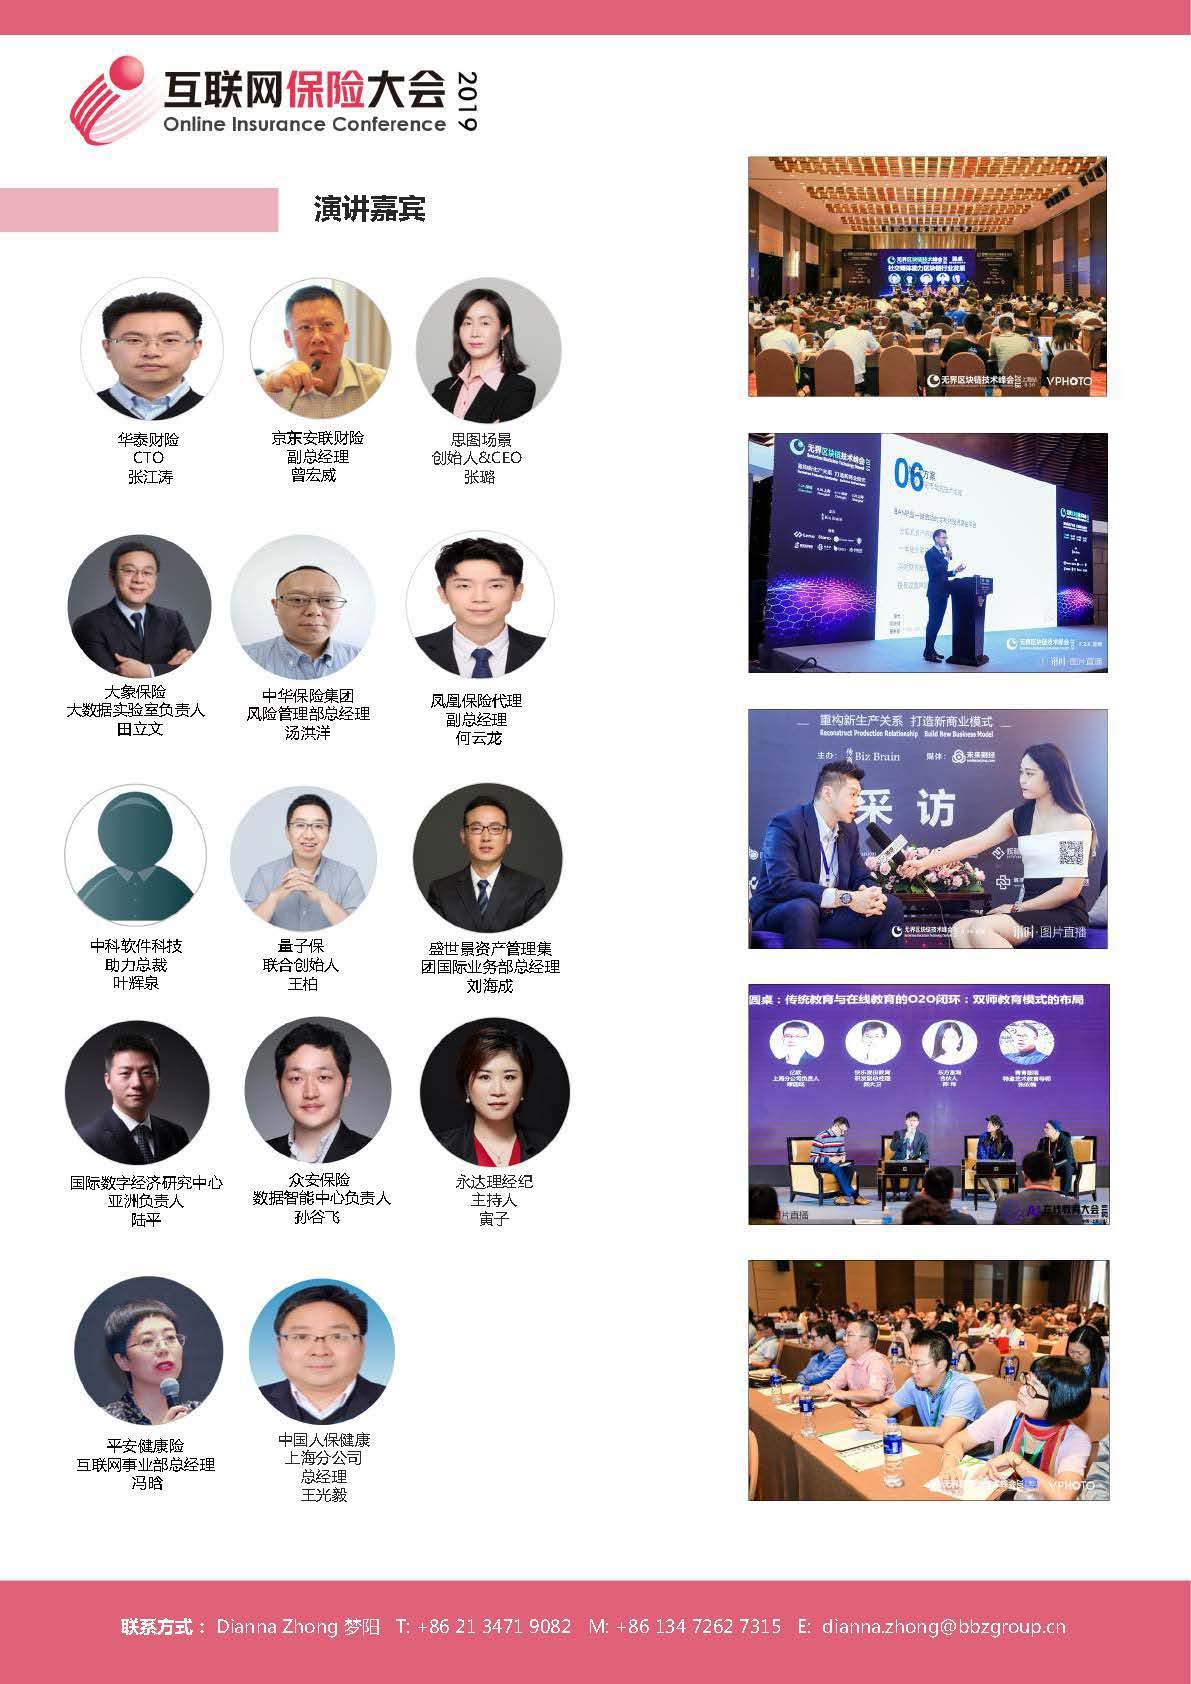 互聯網保險大會2019 10.15 北京